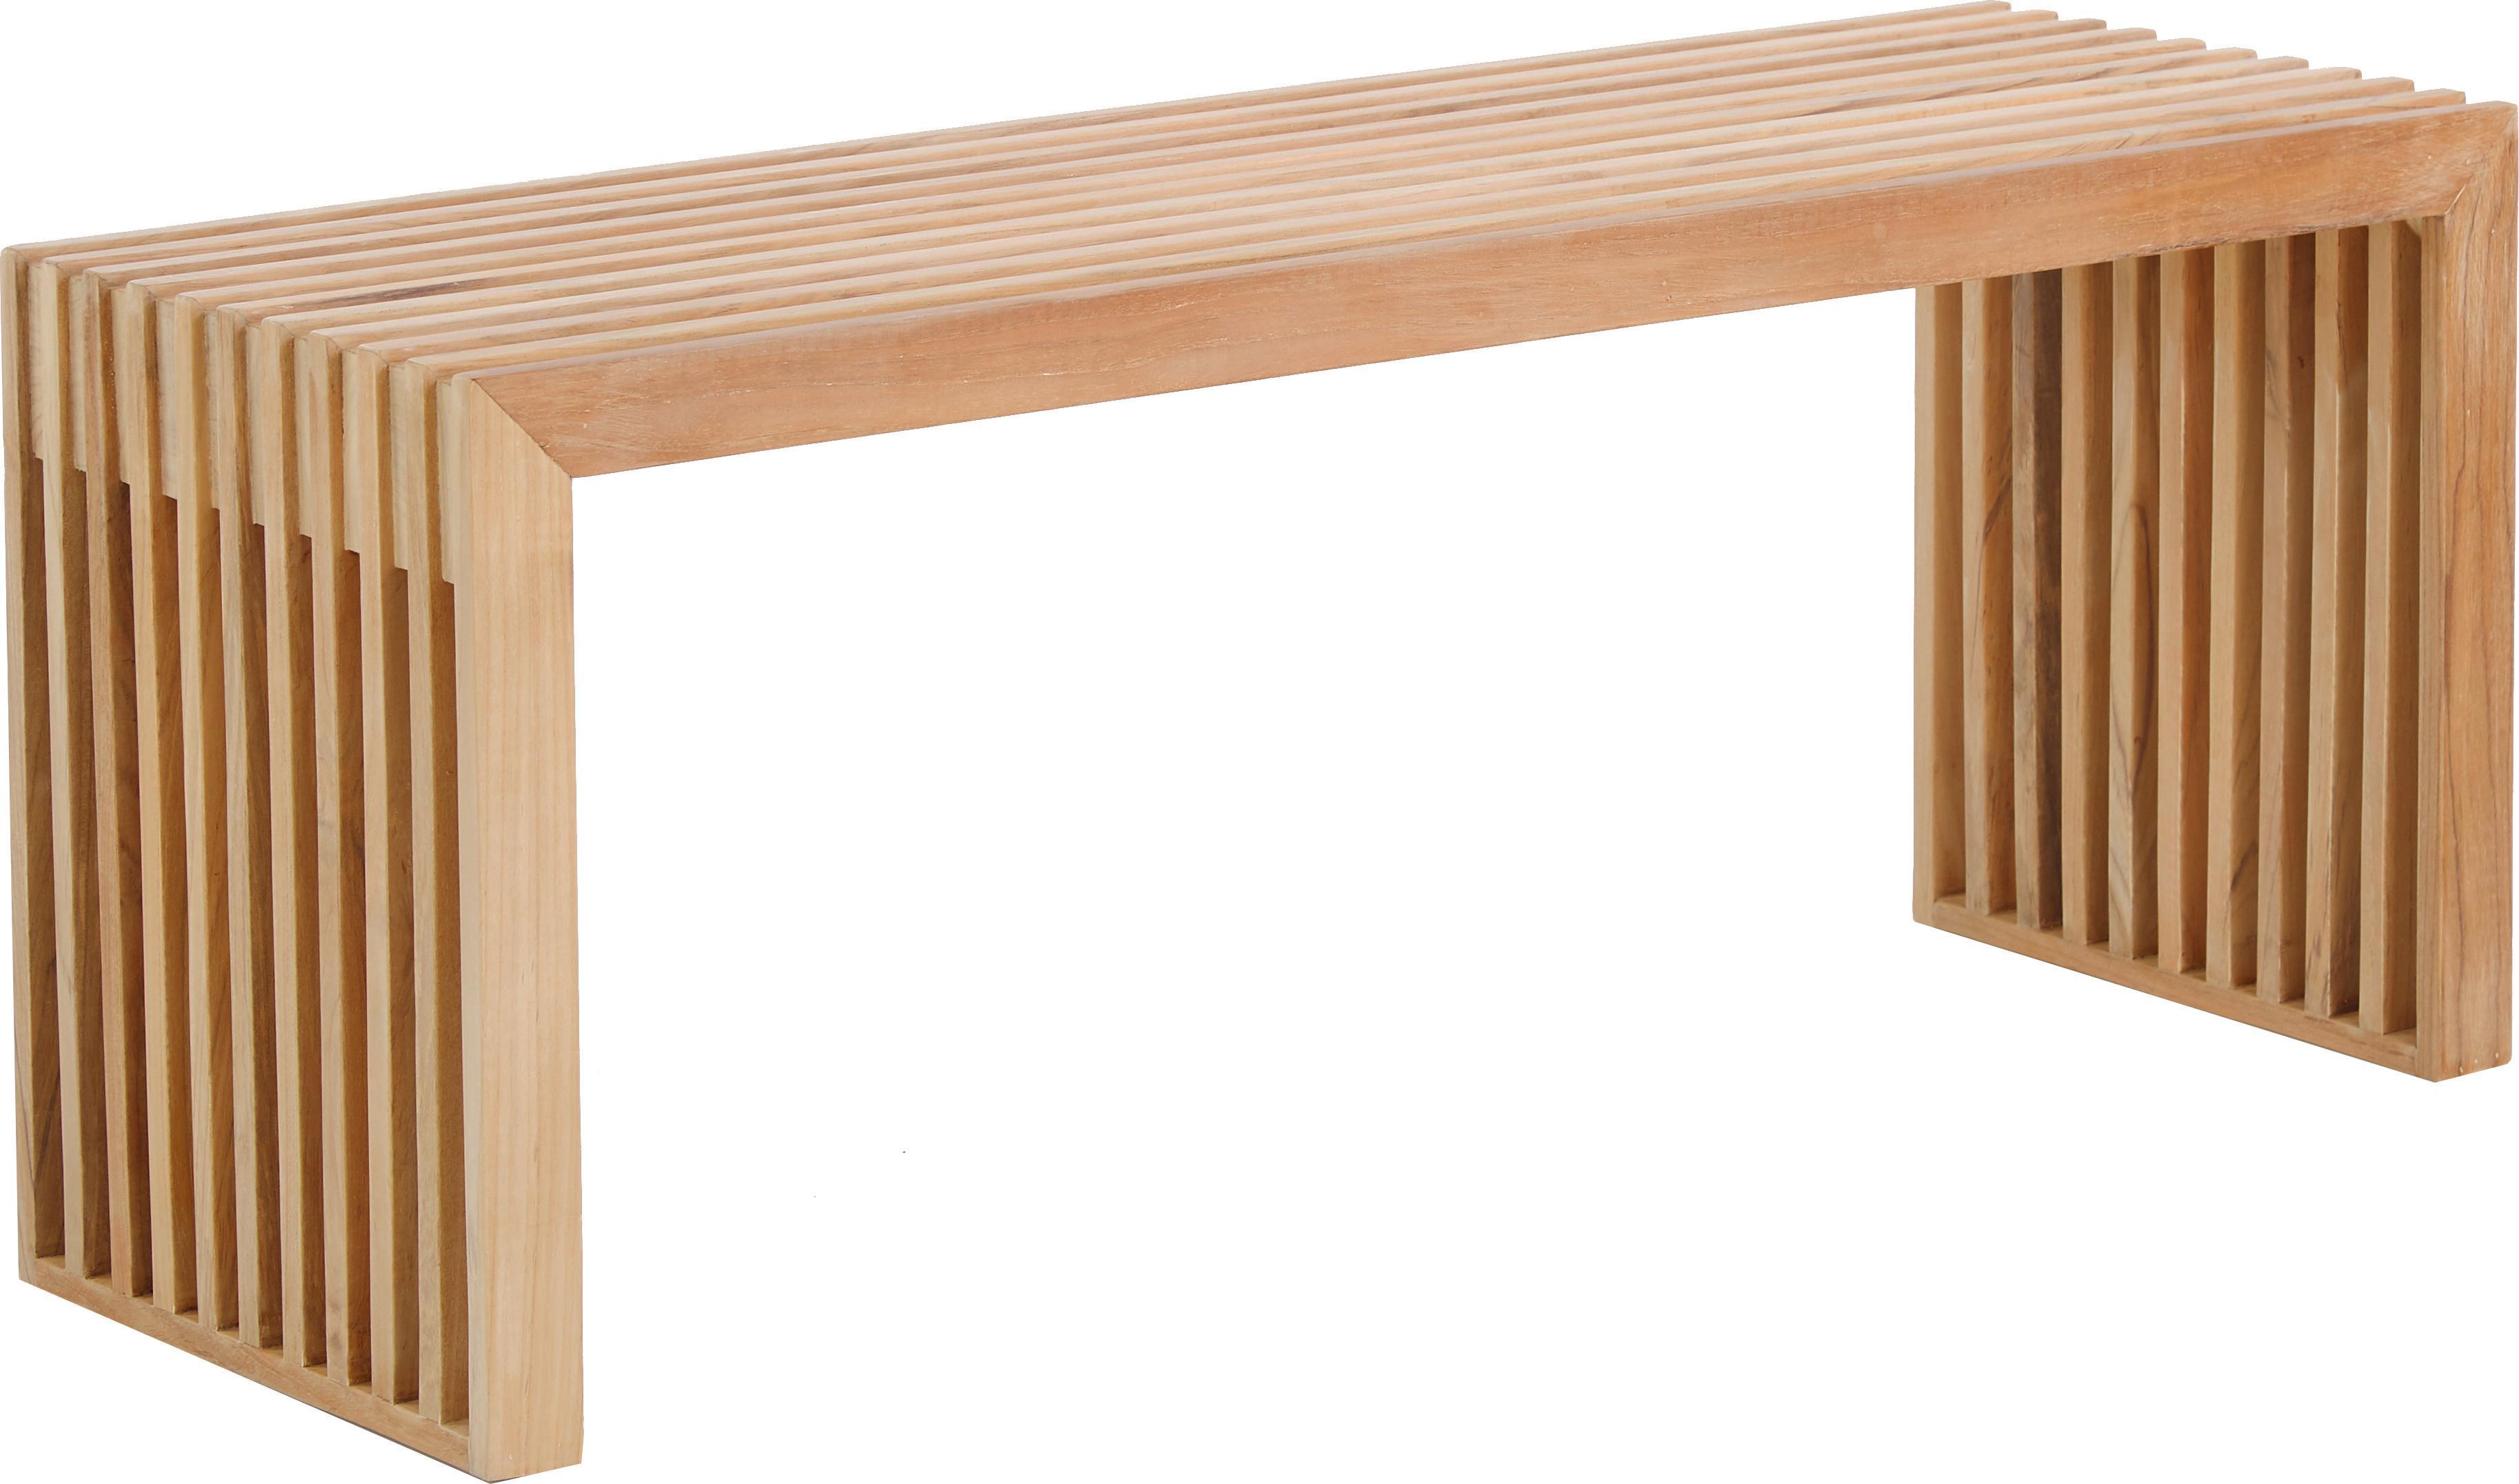 Moderne Teakholz-Bank Rib, Teakholz, Teak, 104 x 43 cm